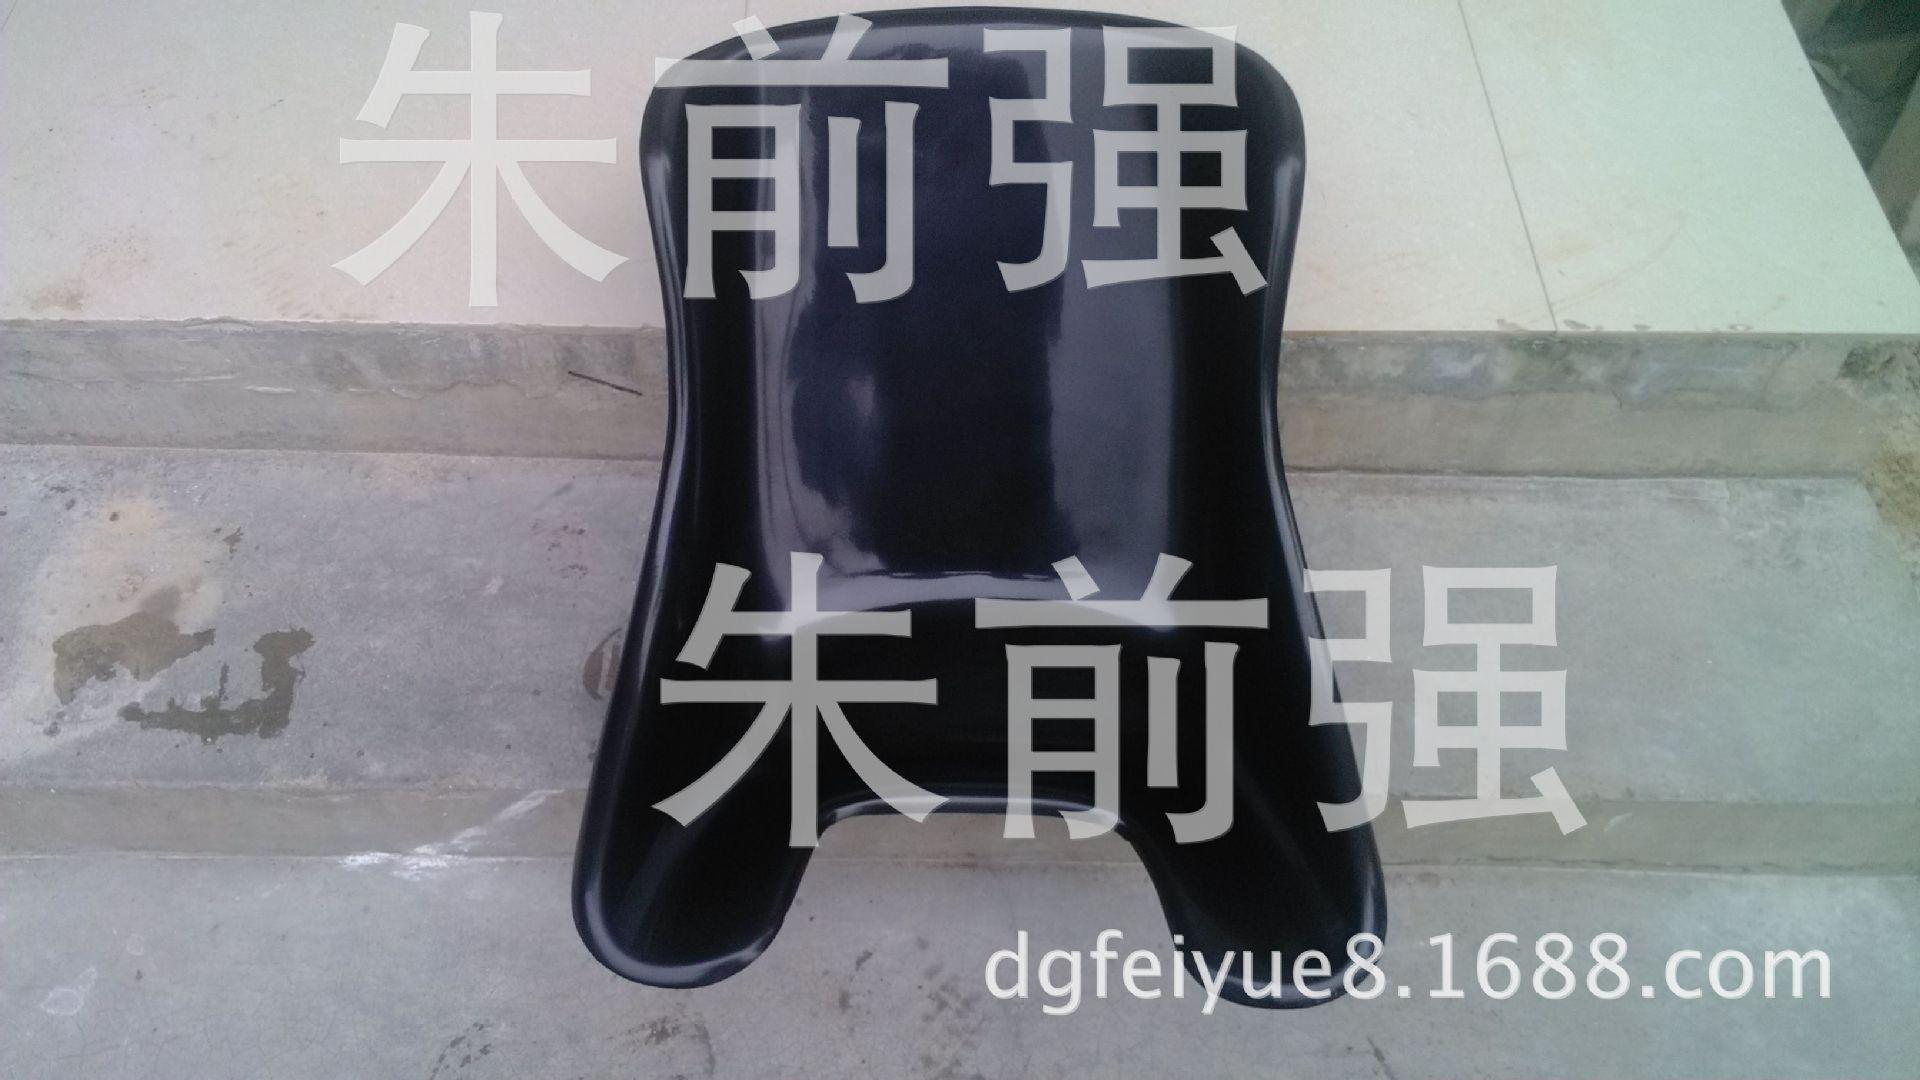 成人儿童卡丁车座椅 玻璃钢卡丁车座椅 玻璃钢赛车座椅示例图4